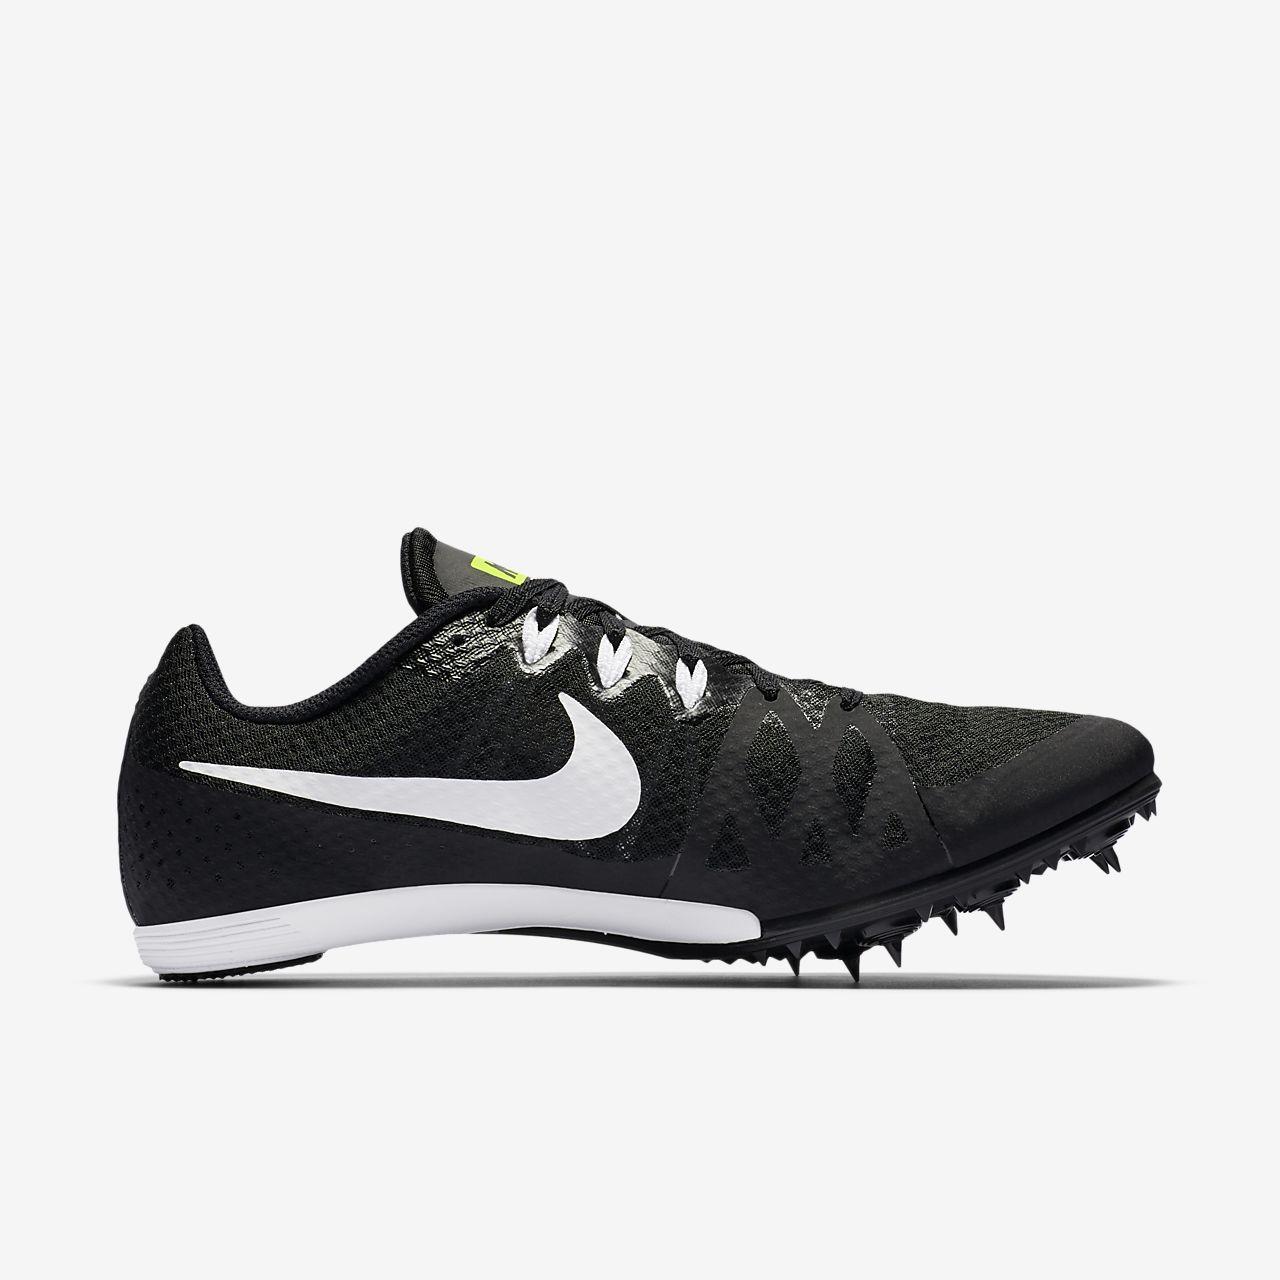 ... Chaussure de course longue distance à pointes mixte Nike Zoom Rival M 8